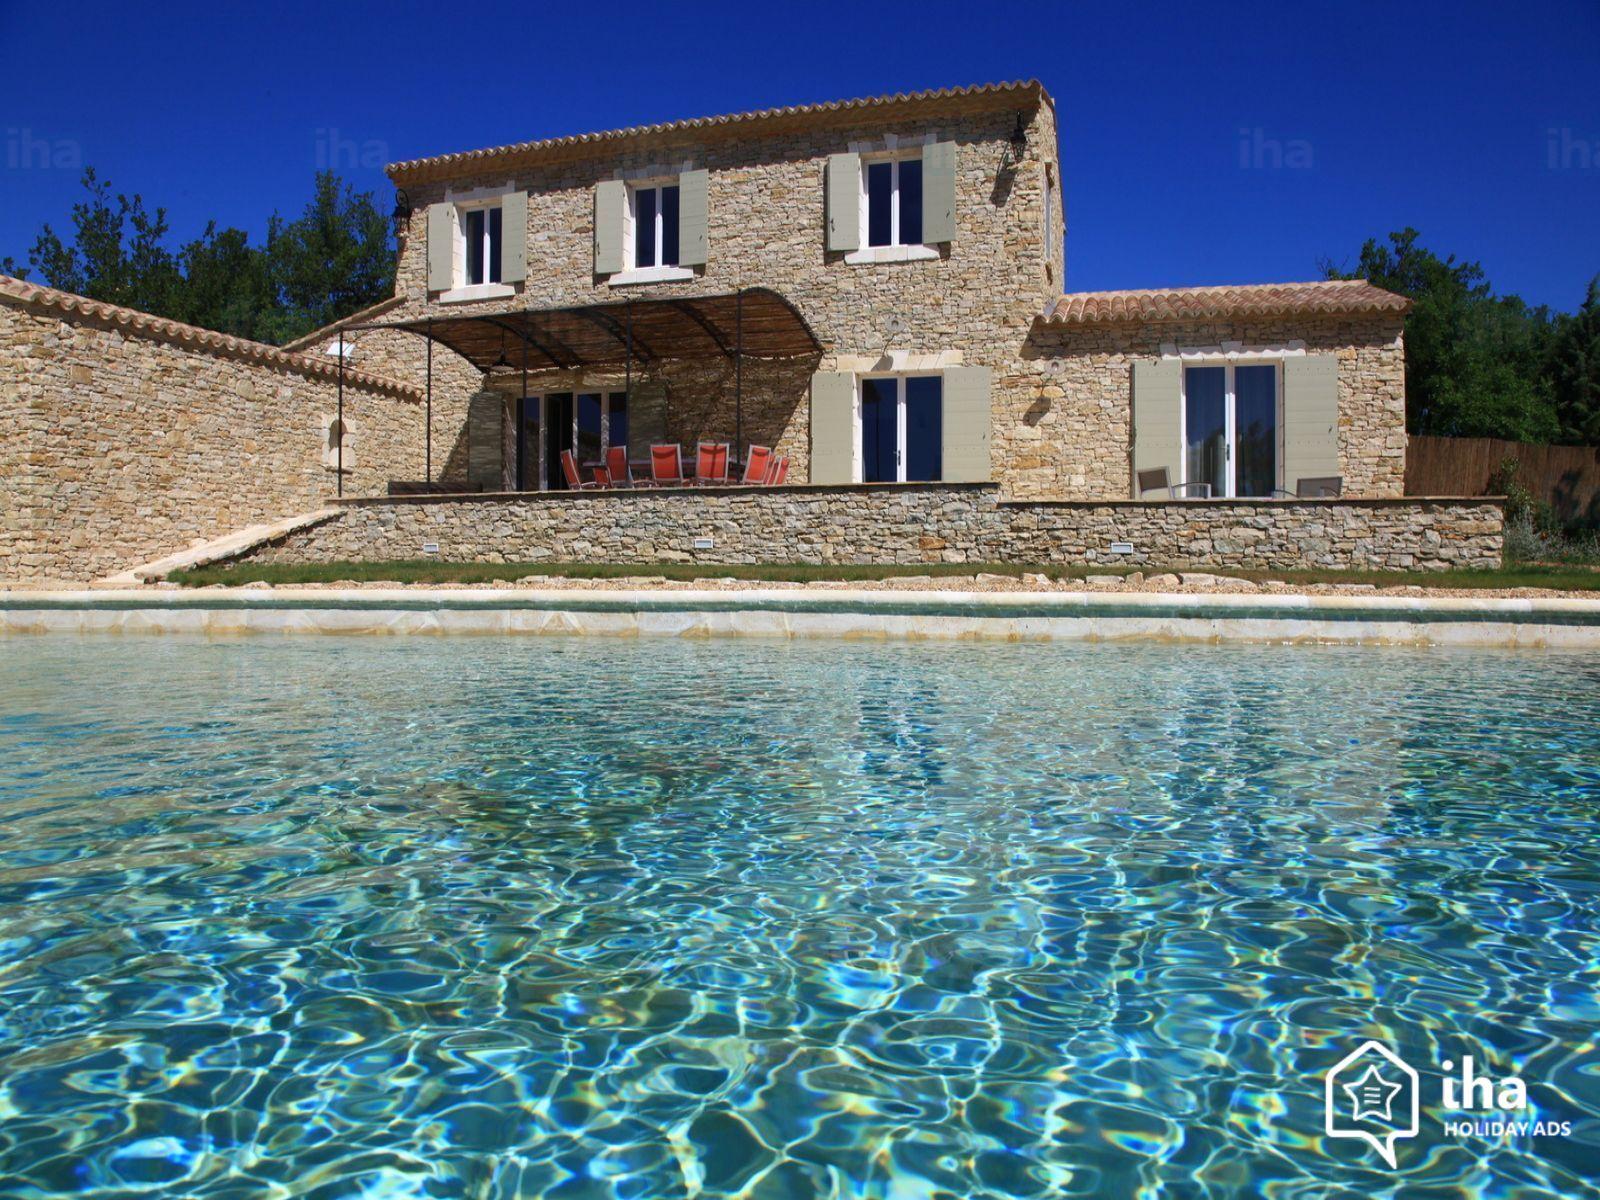 Location Saint Martin De Crau Pour Vos Vacances Avec Iha pour Piscine Saint Martin De Crau